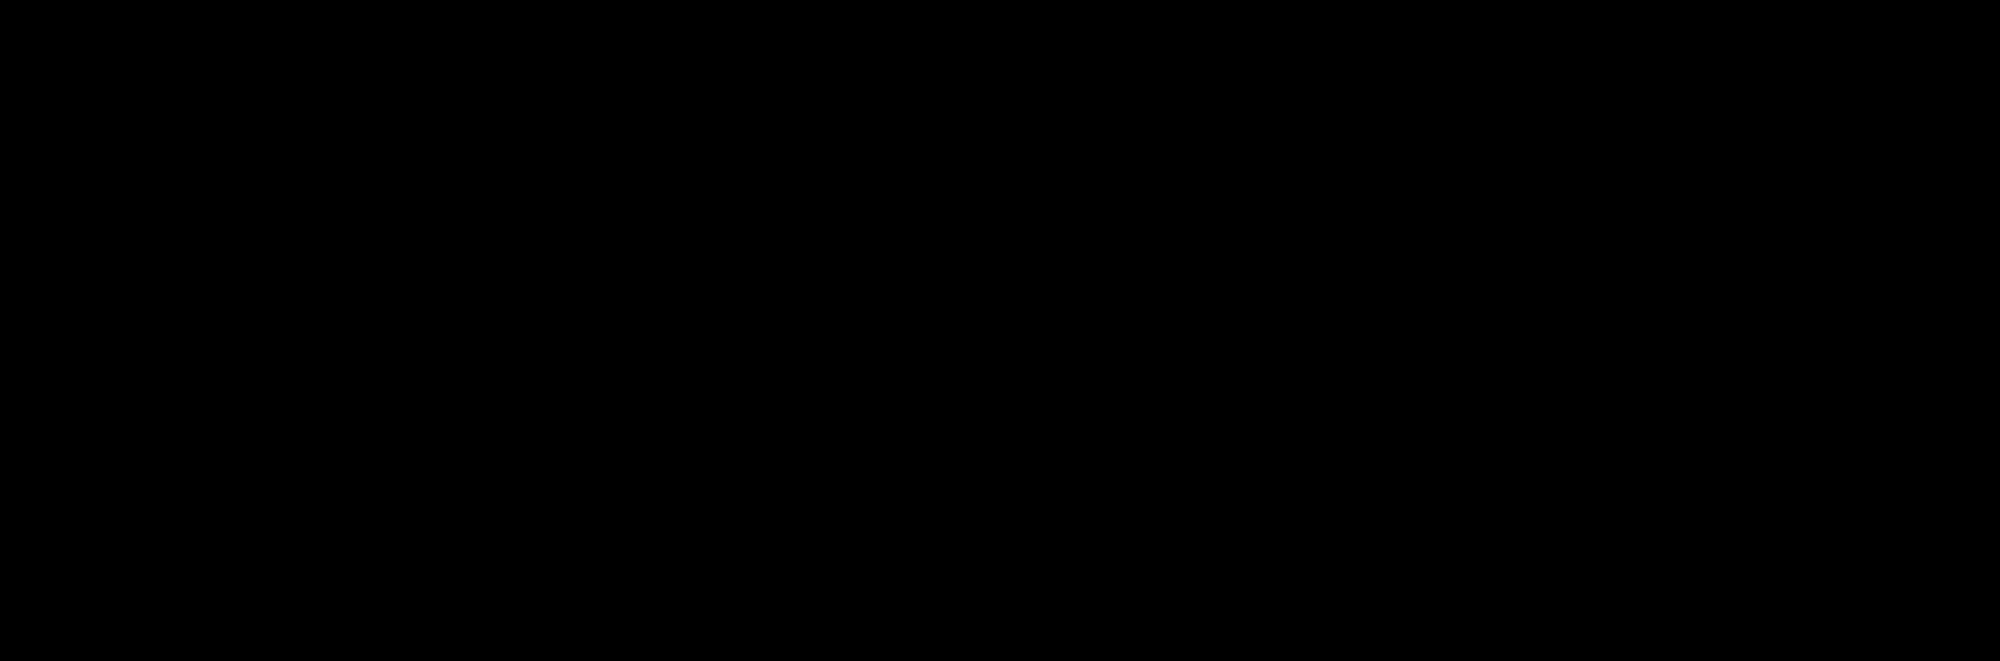 Better Biz Me logo